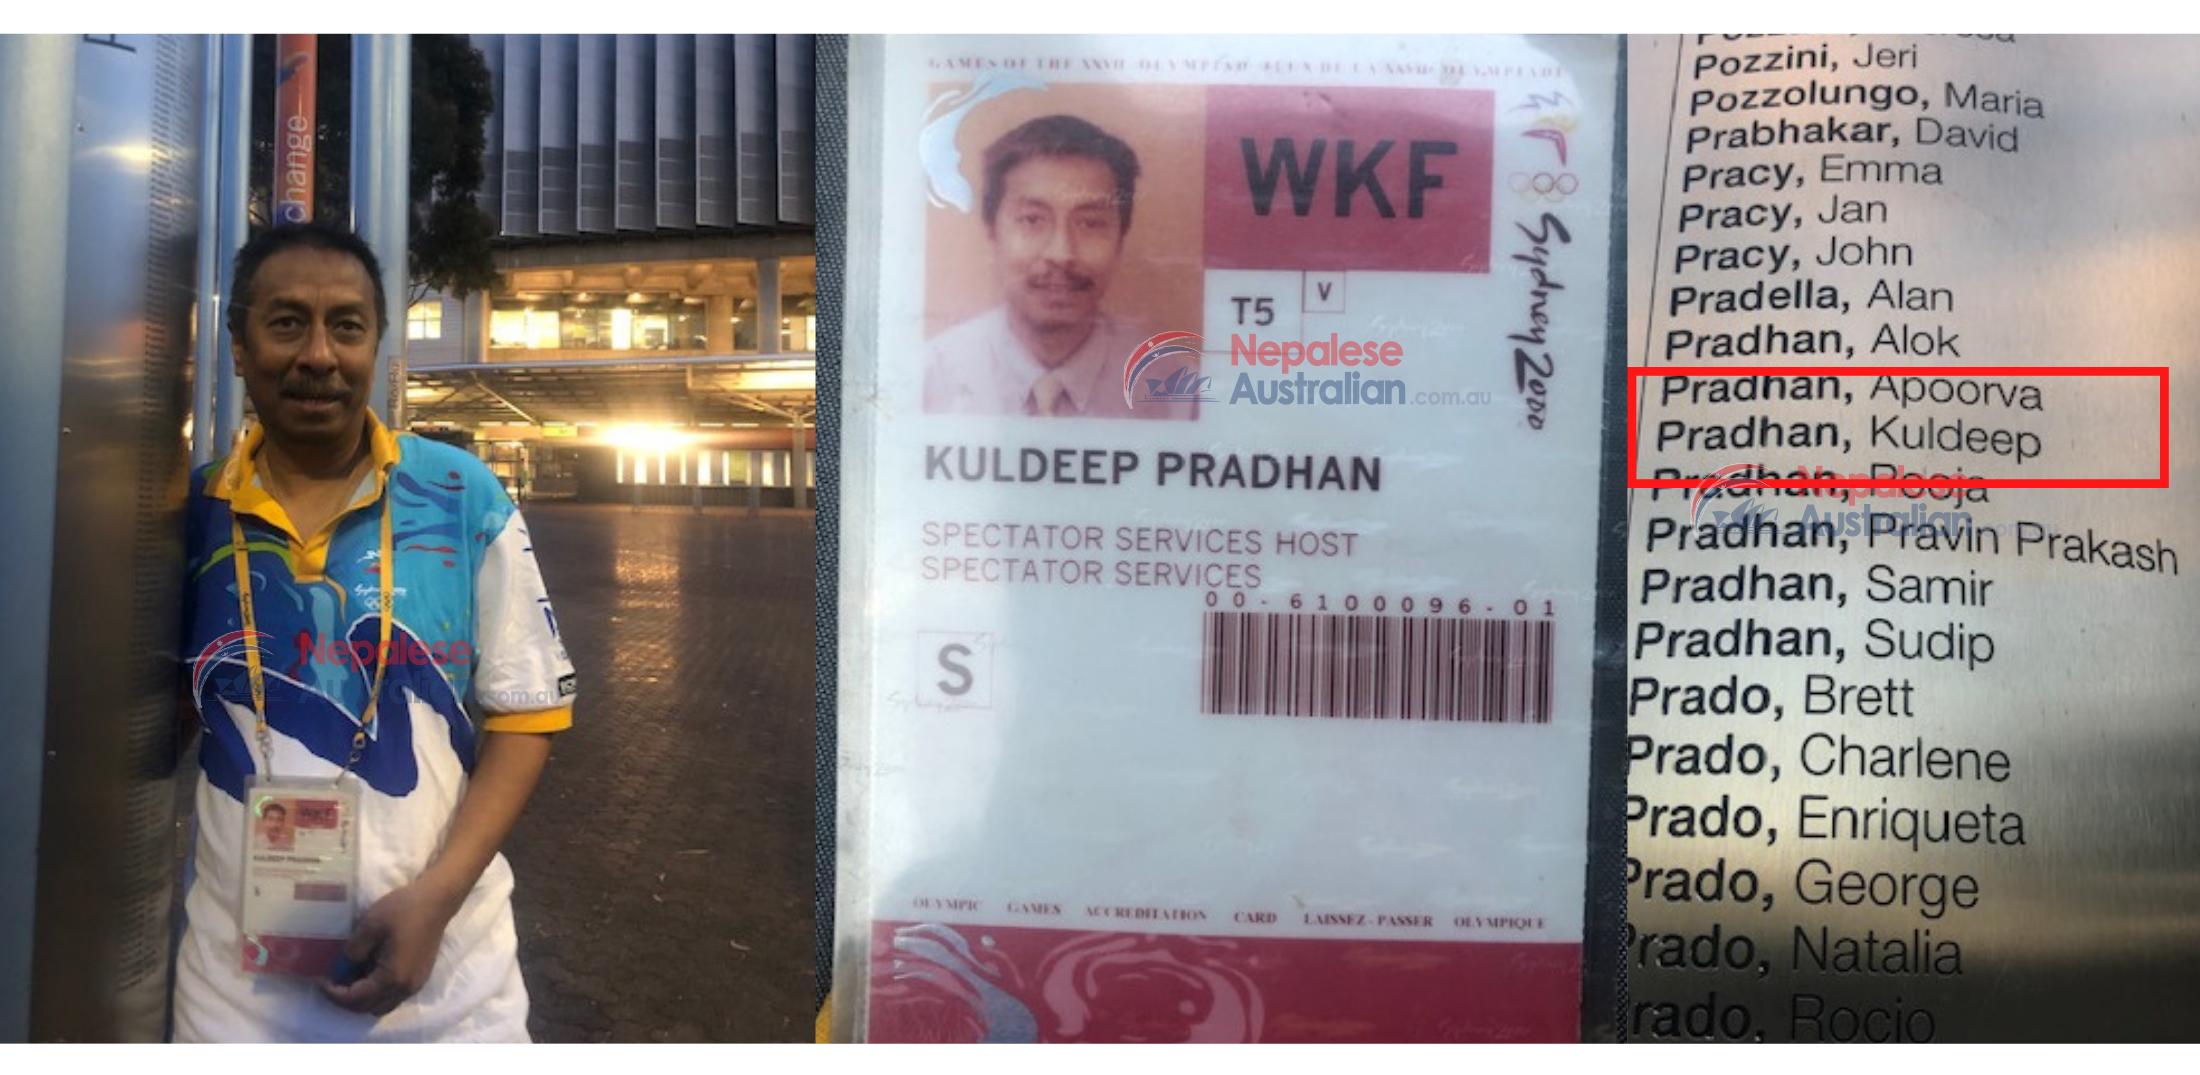 Sydney Olympic Games 2000- Nepalese Volunteer Kuldeep Pradhan